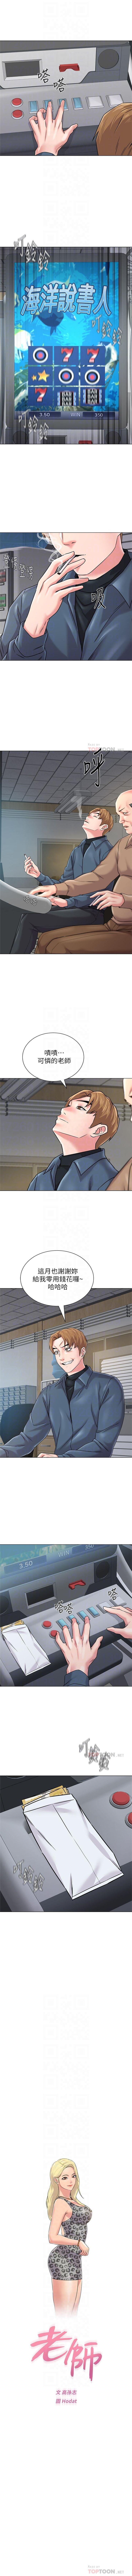 (周3)老师 1-56 中文翻译(更新中) 381